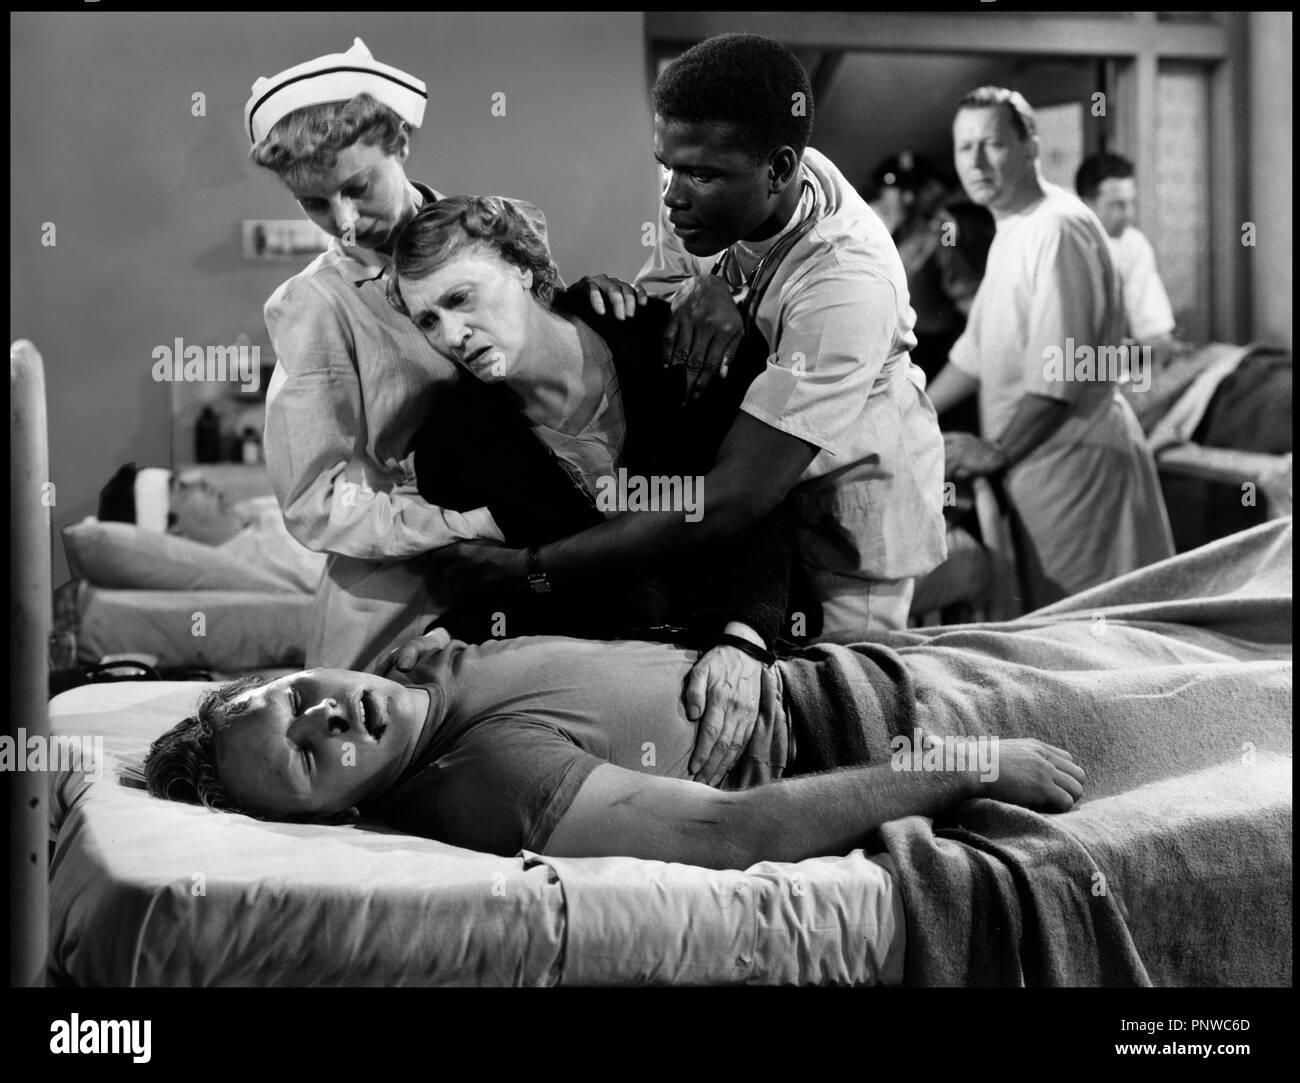 Prod DB © 20th Century Fox / DR LA PORTE S'OUVRE (NO WAY OUT) de Joseph L. Mankiewicz 1950 USA avec Sidney Poitier  lit d'h™pital, infirmier, mort, cadavre, dŽsarroi, detresse, pleurer, - Stock Image